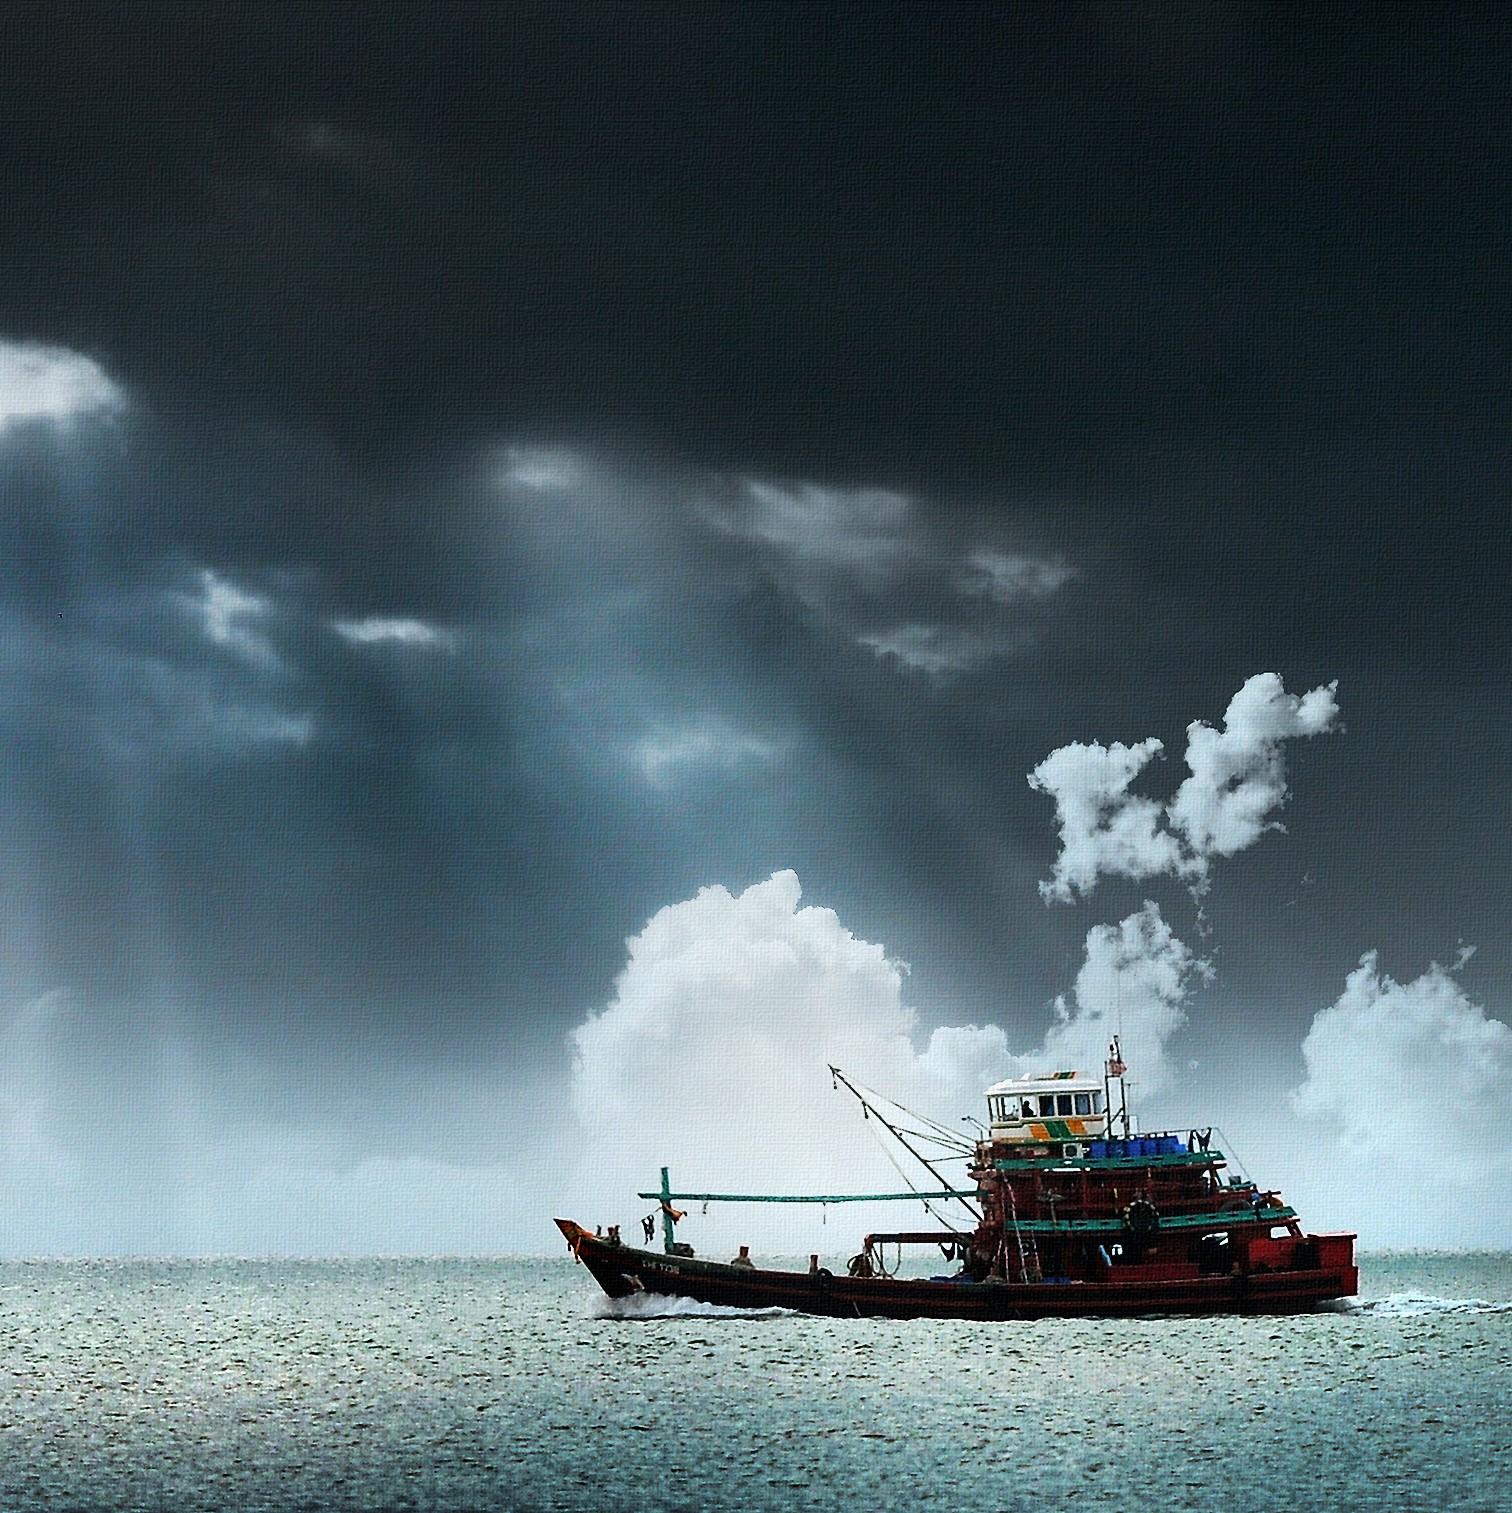 Dystopie in Vis: klimaatfictie op zee